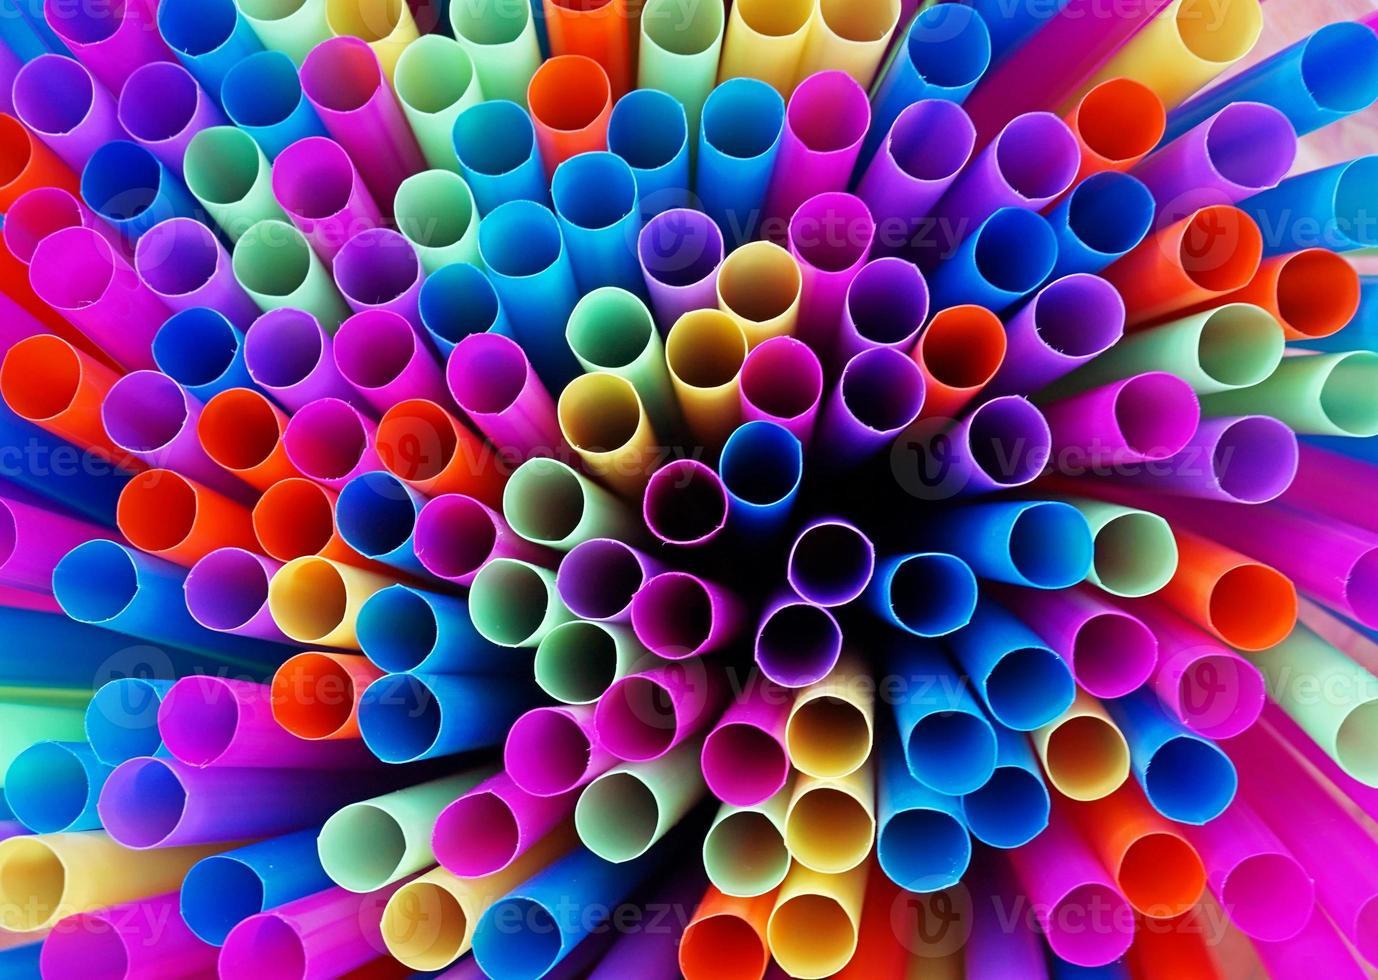 kleurrijke radiator van rietjes foto